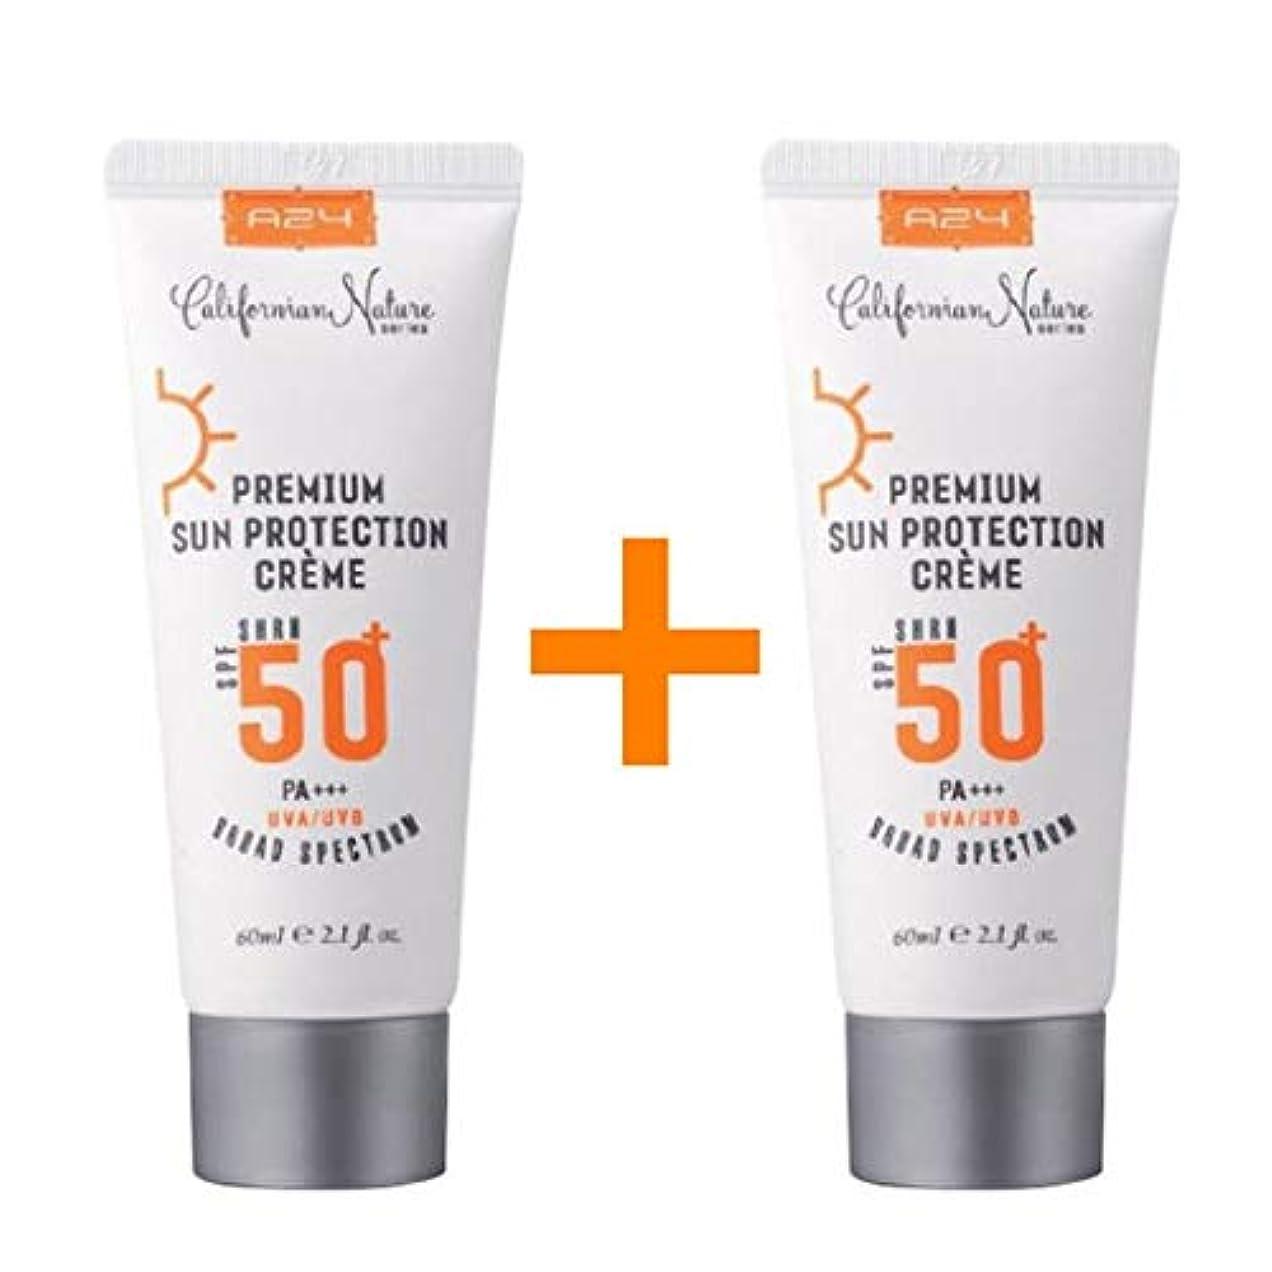 別れる絶壁抑制する[1 + 1 ] A24 プレミアム サン プロテクション クリーム 60ml (SPF50+/PA+++) / Premium Sun Protection Cream/米国コスメ 米国日焼け止め